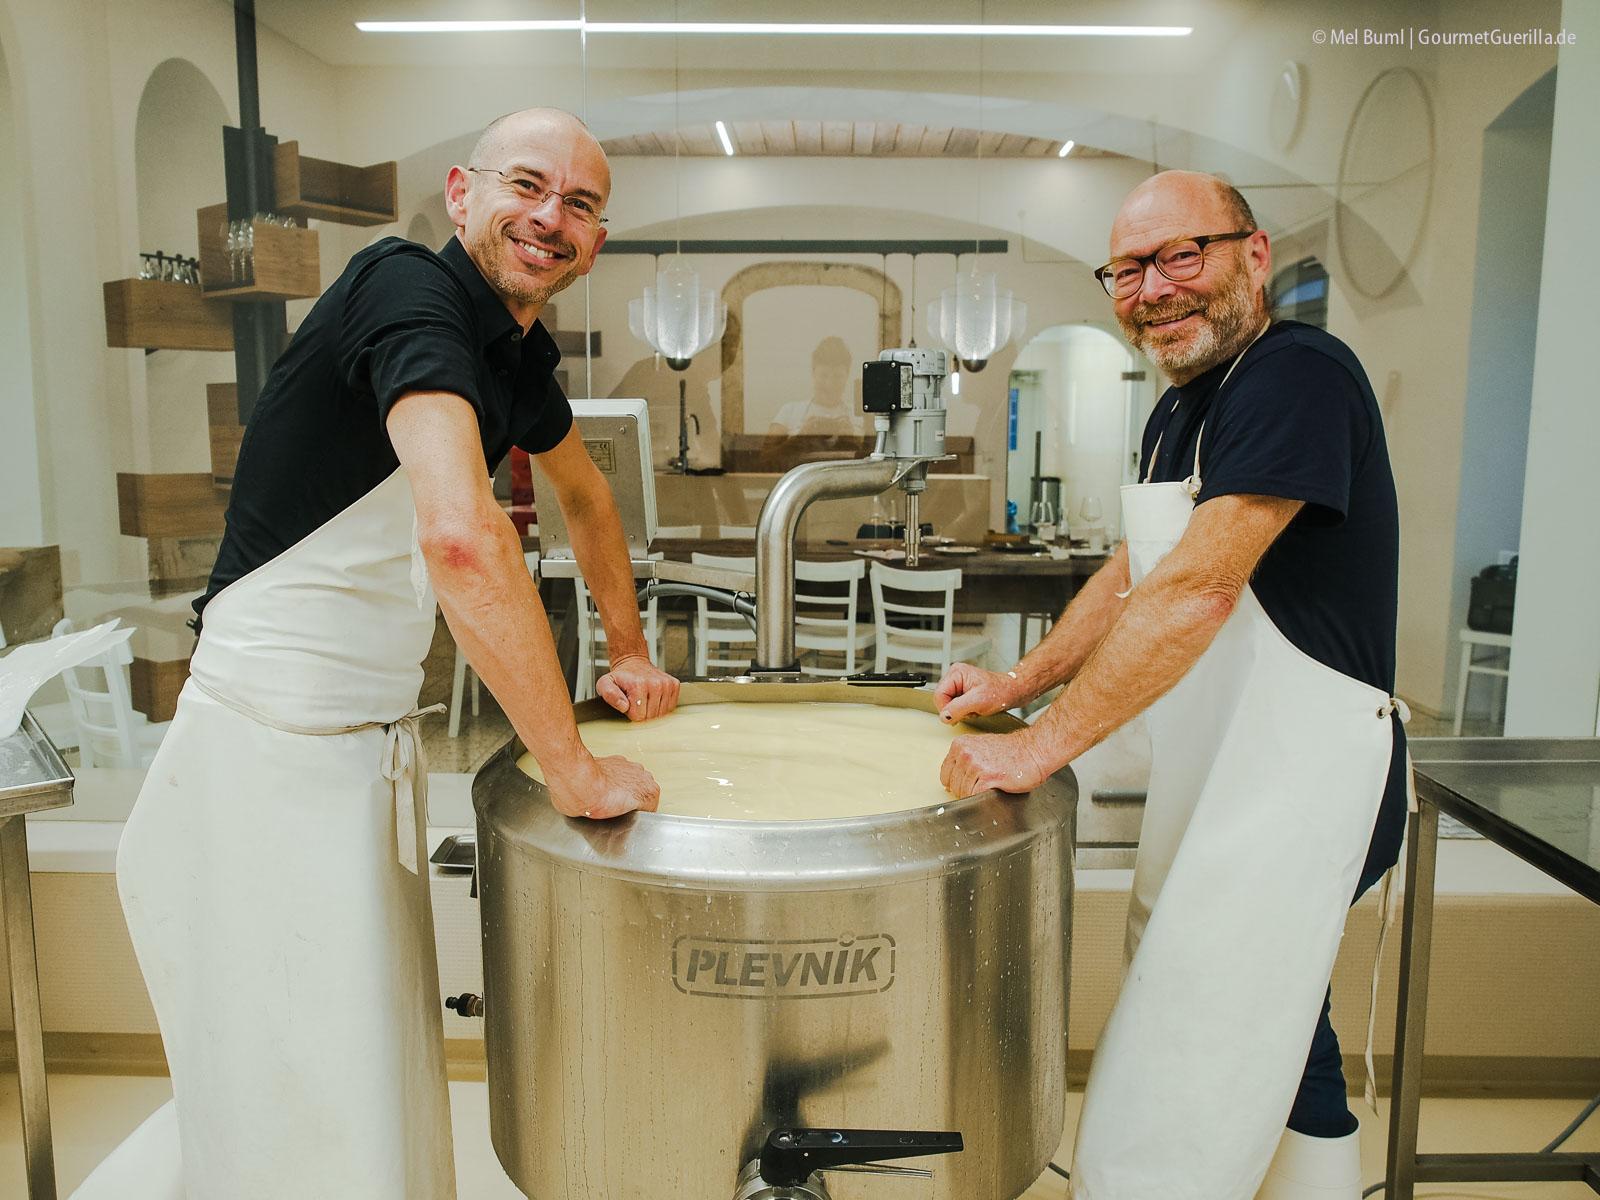 Käsebruch rühren für Heumilchkäse in Wiens einziger Stadtkäserei Lingenhel |GourmetGuerilla.de